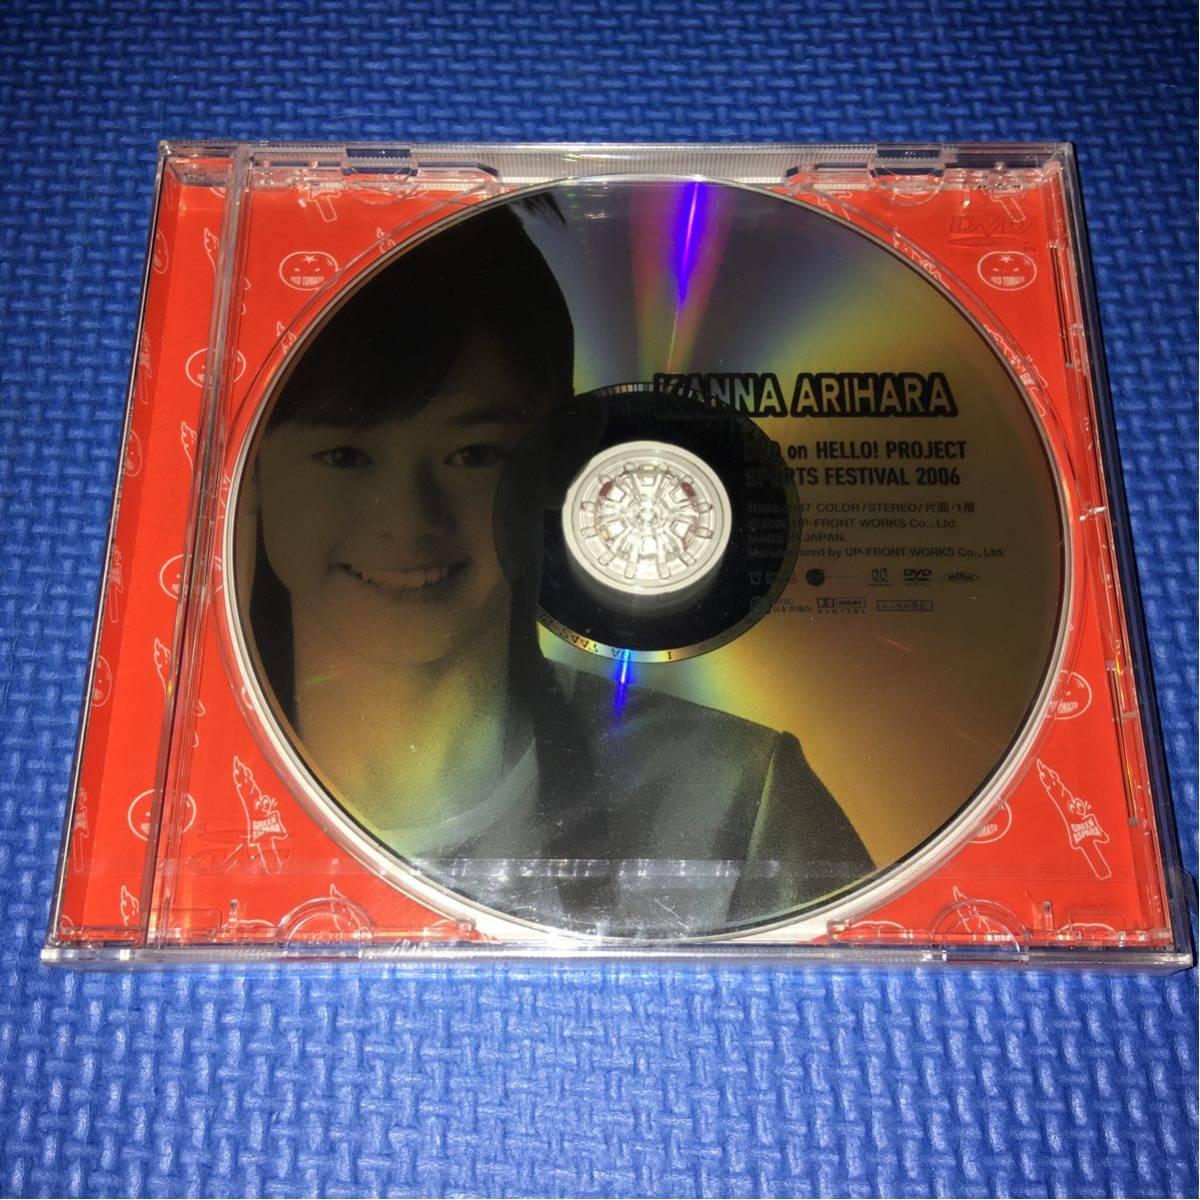 有原栞菜 スポフェス 2006 ソロ DVD 新品未開封 °C-ute ハロプロ ライブグッズの画像